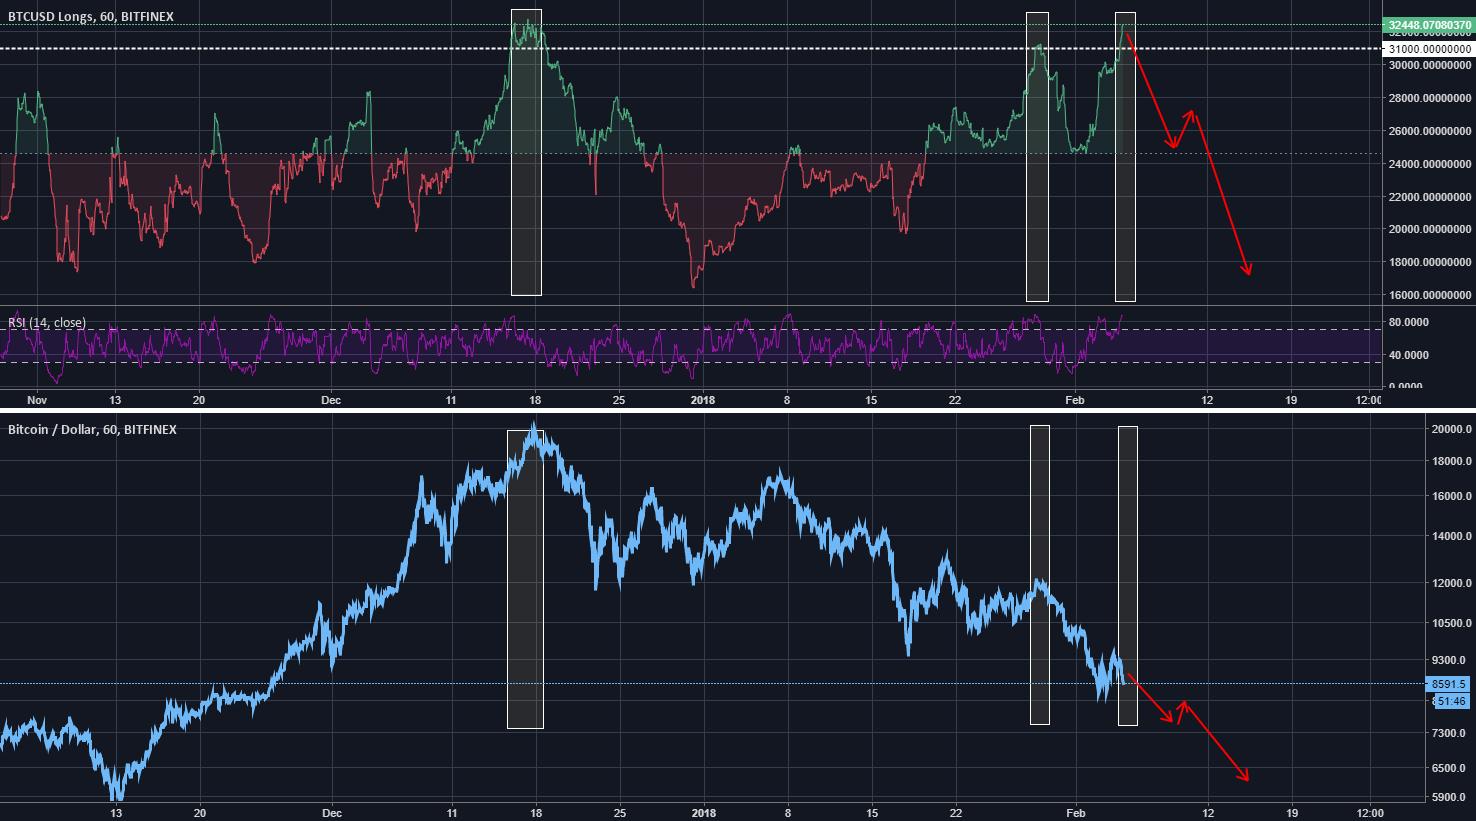 BTC margin long volume vs price on Bitfinex